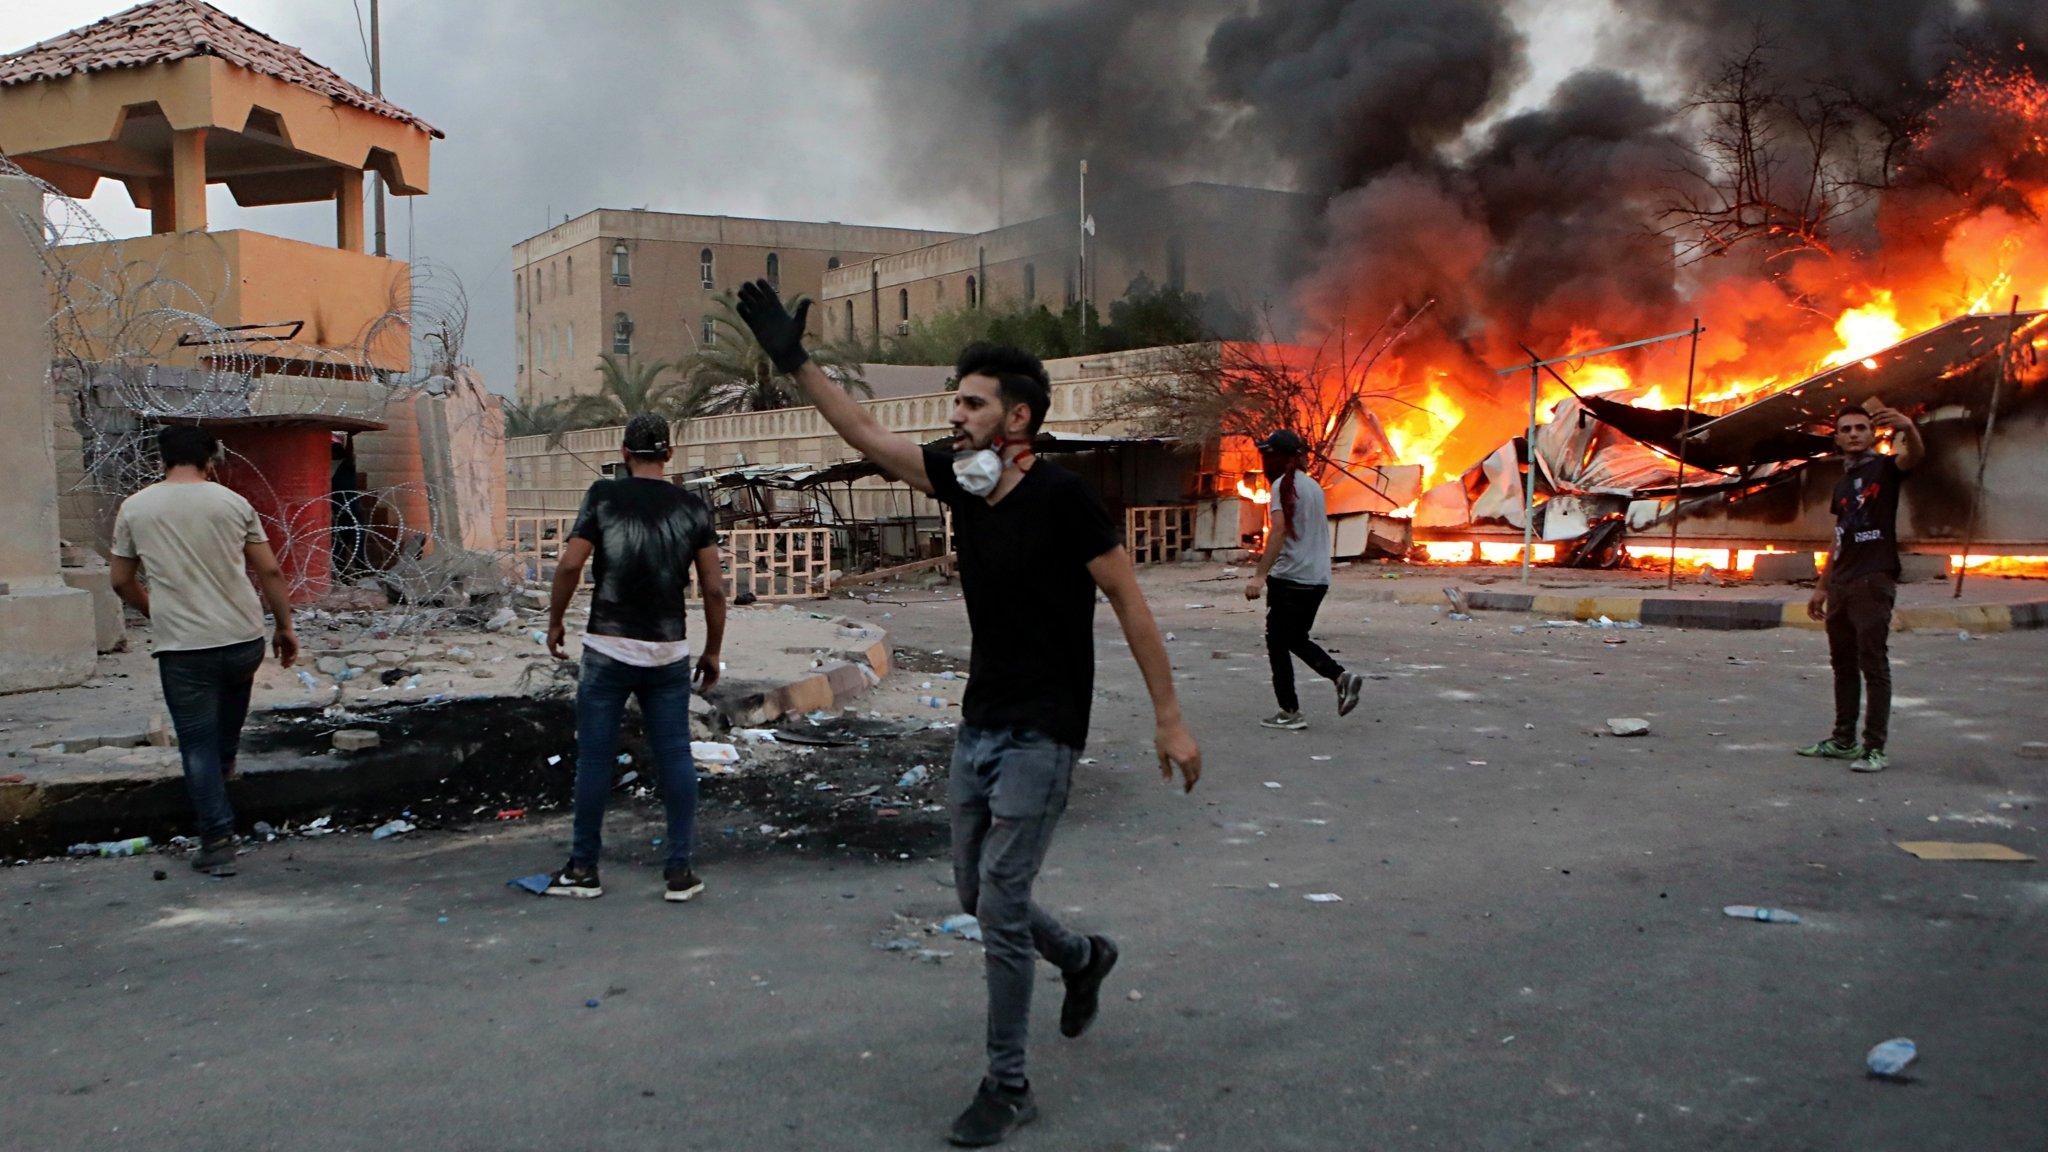 Iraq prime minister faces calls to step down 81895e28-b5dd-11e8-a1d8-15c2dd1280ff